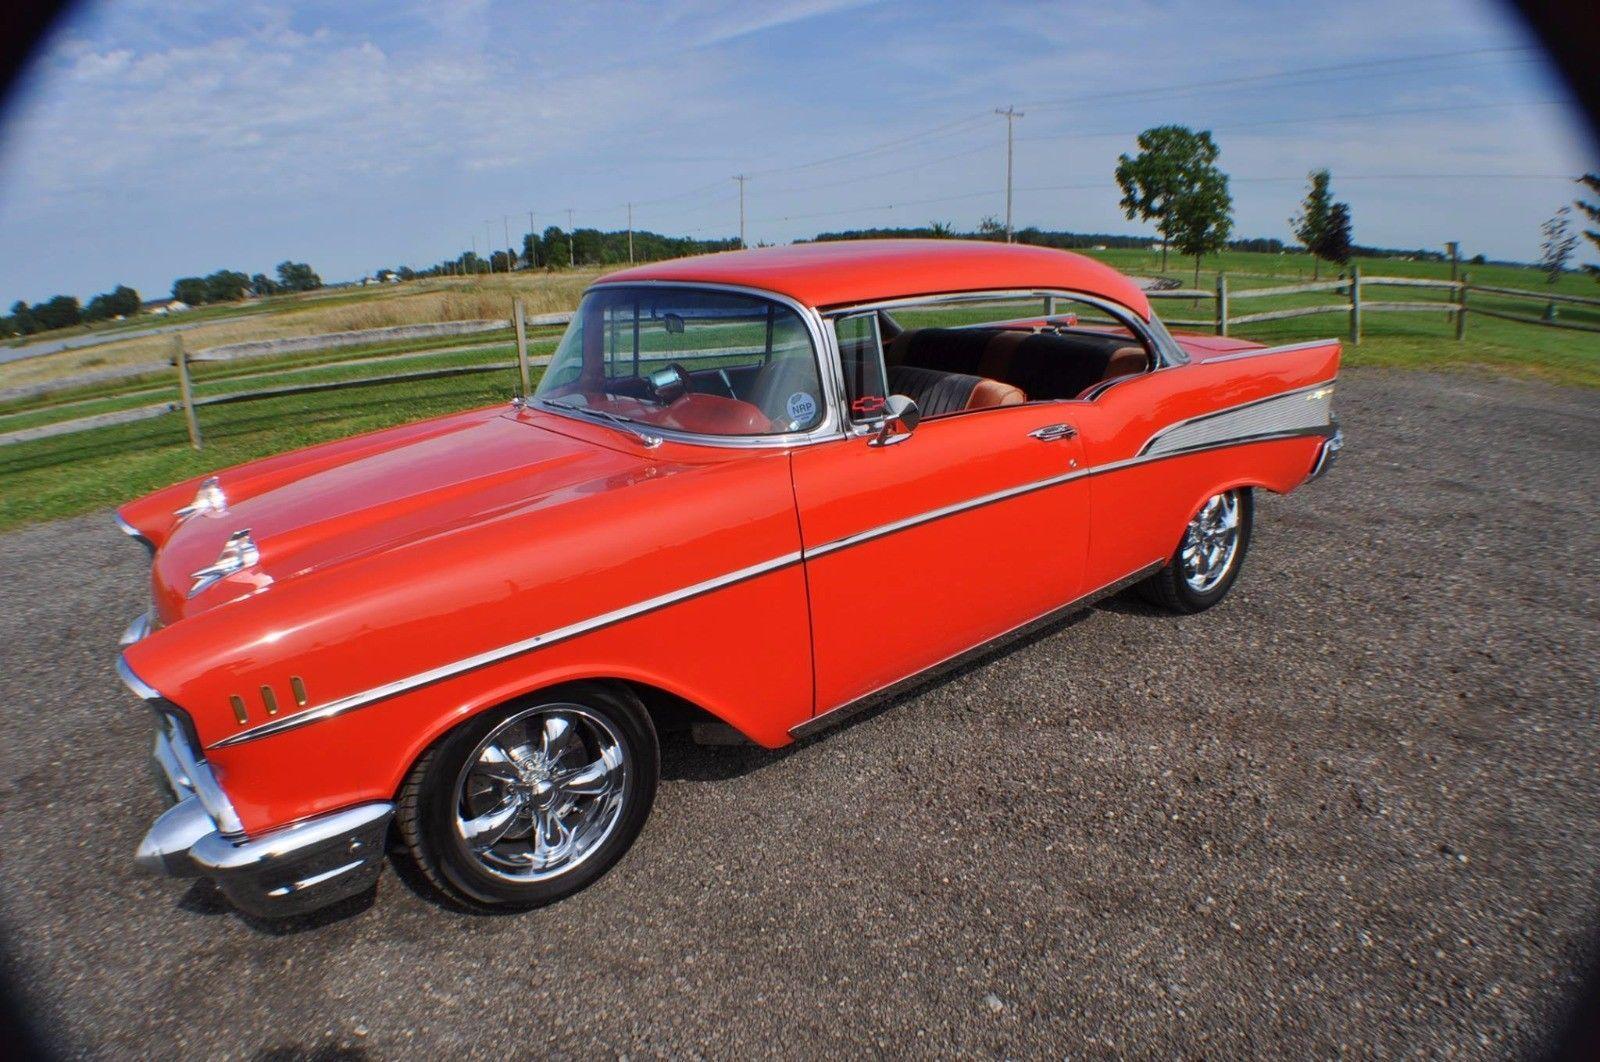 Cool Chevrolet 2017: 1957 Chevrolet Bel Air/150/210  1957 Chevrolet Bel Air Hardtop 2-Door Check more at http://24auto.ga/2017/chevrolet-2017-1957-chevrolet-bel-air150210-1957-chevrolet-bel-air-hardtop-2-door/